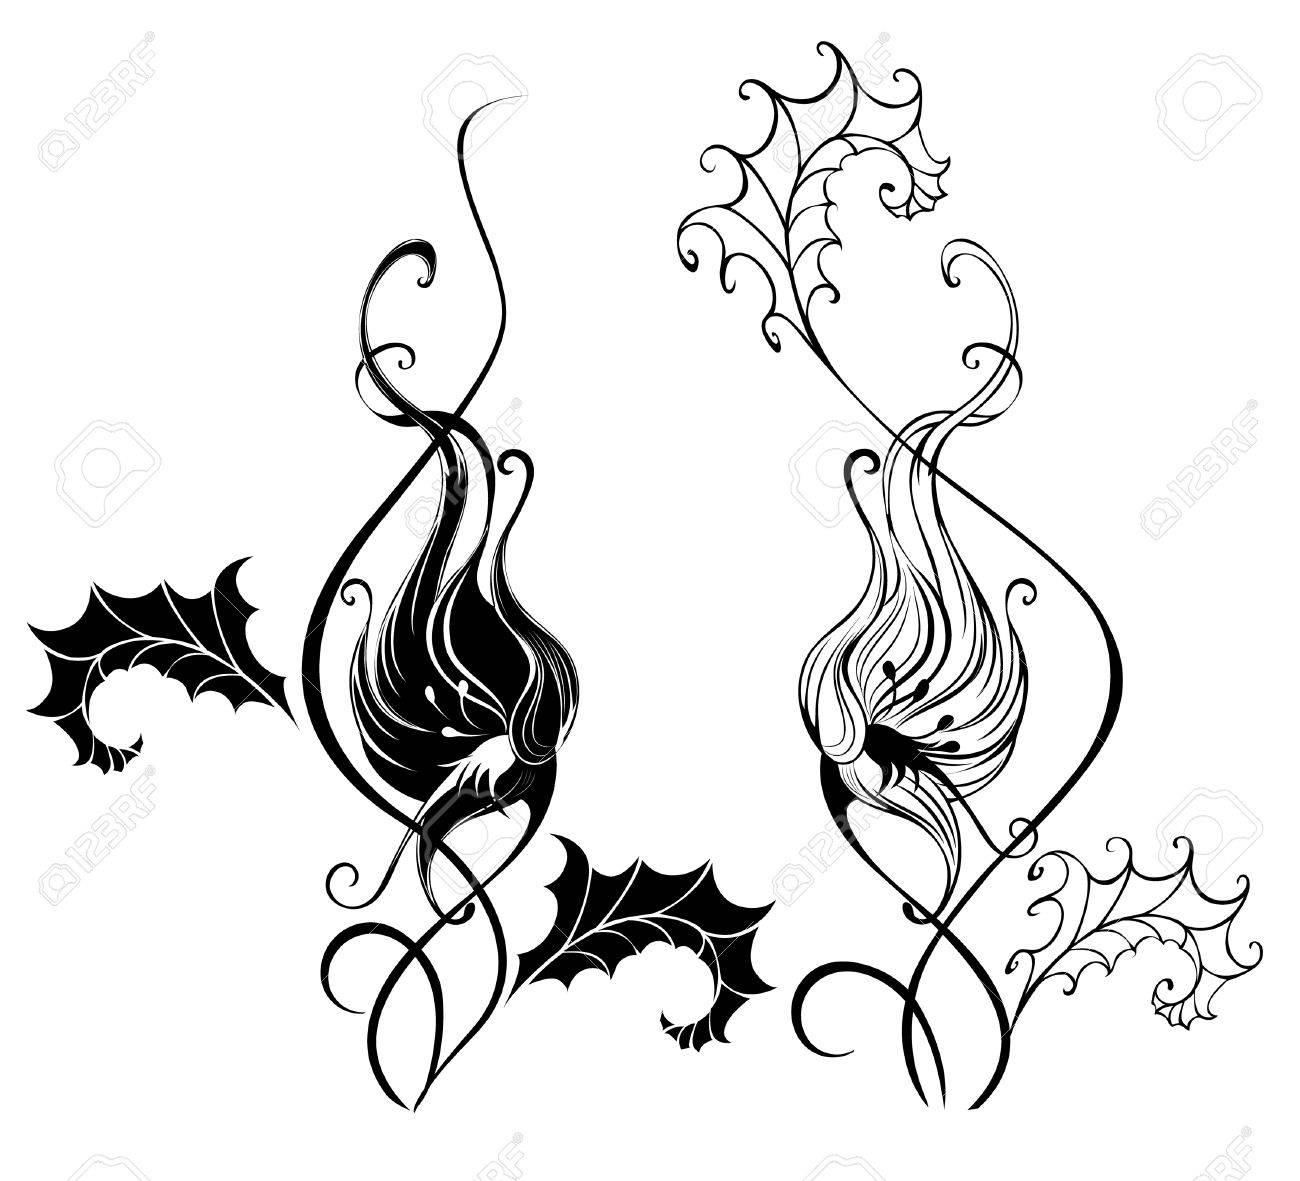 Negro Silueta De Dos Enredadera Artísticamente Pintado Fondo Blanco